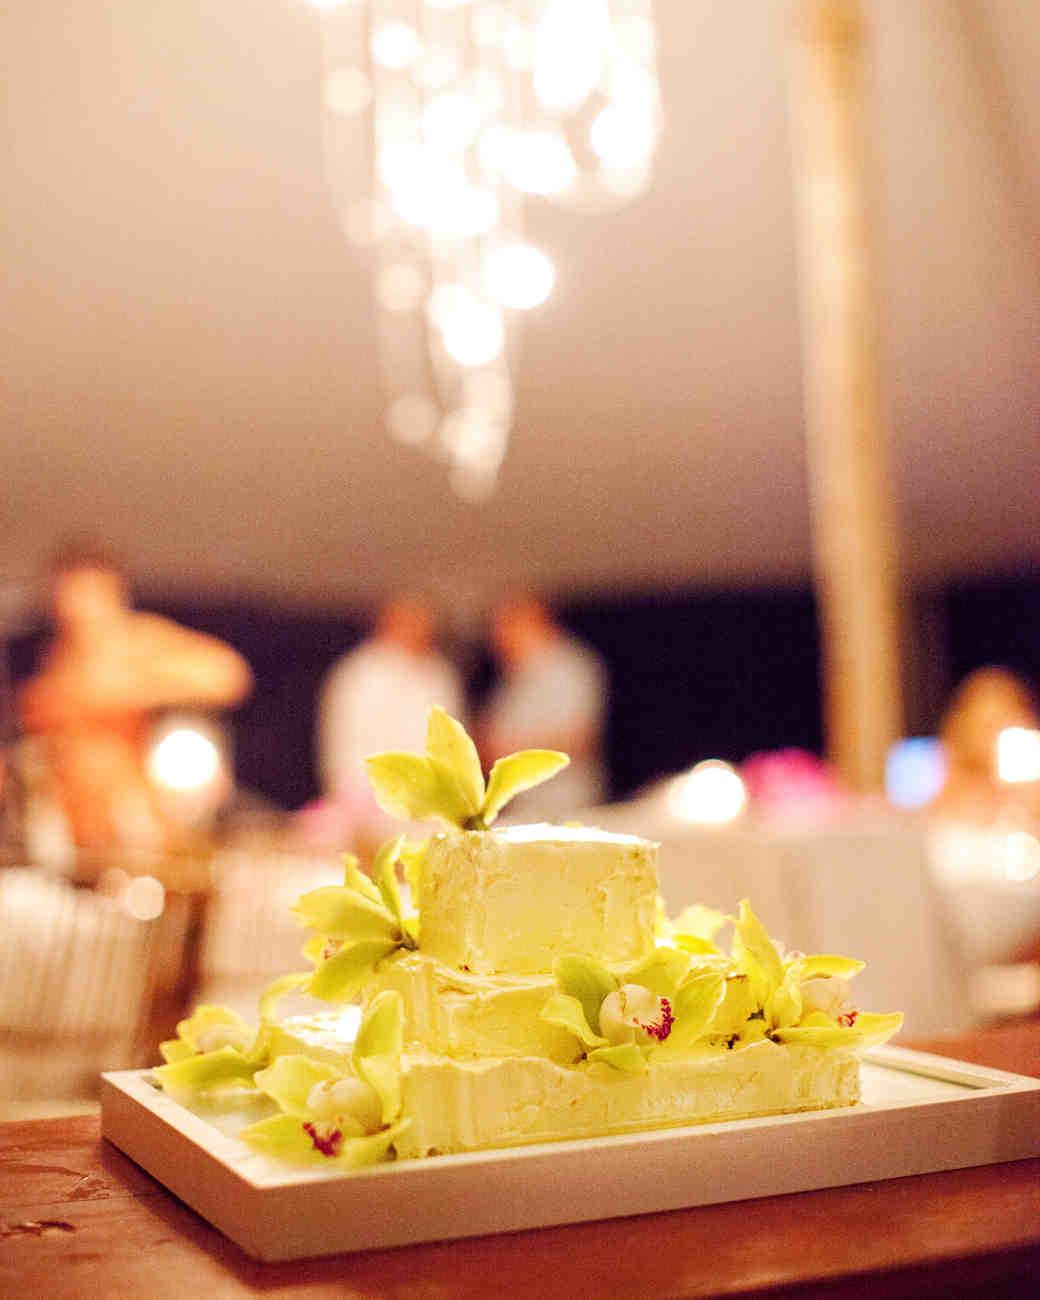 real-weddings-kevin-jamie-05292012wd-jk2179.jpg